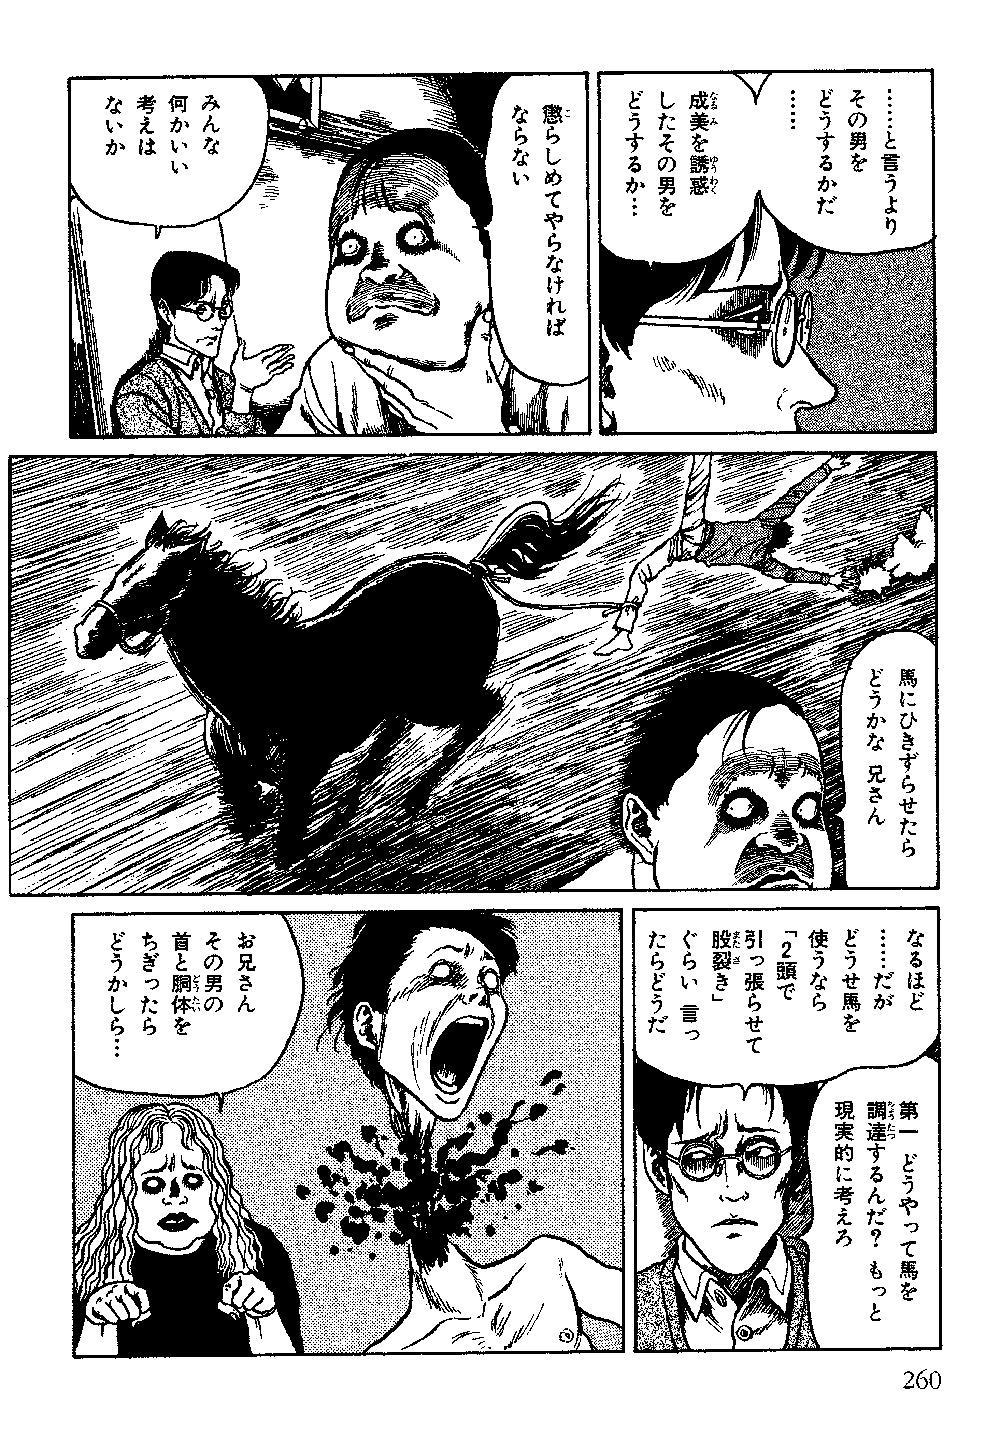 itouj_0004_0262.jpg